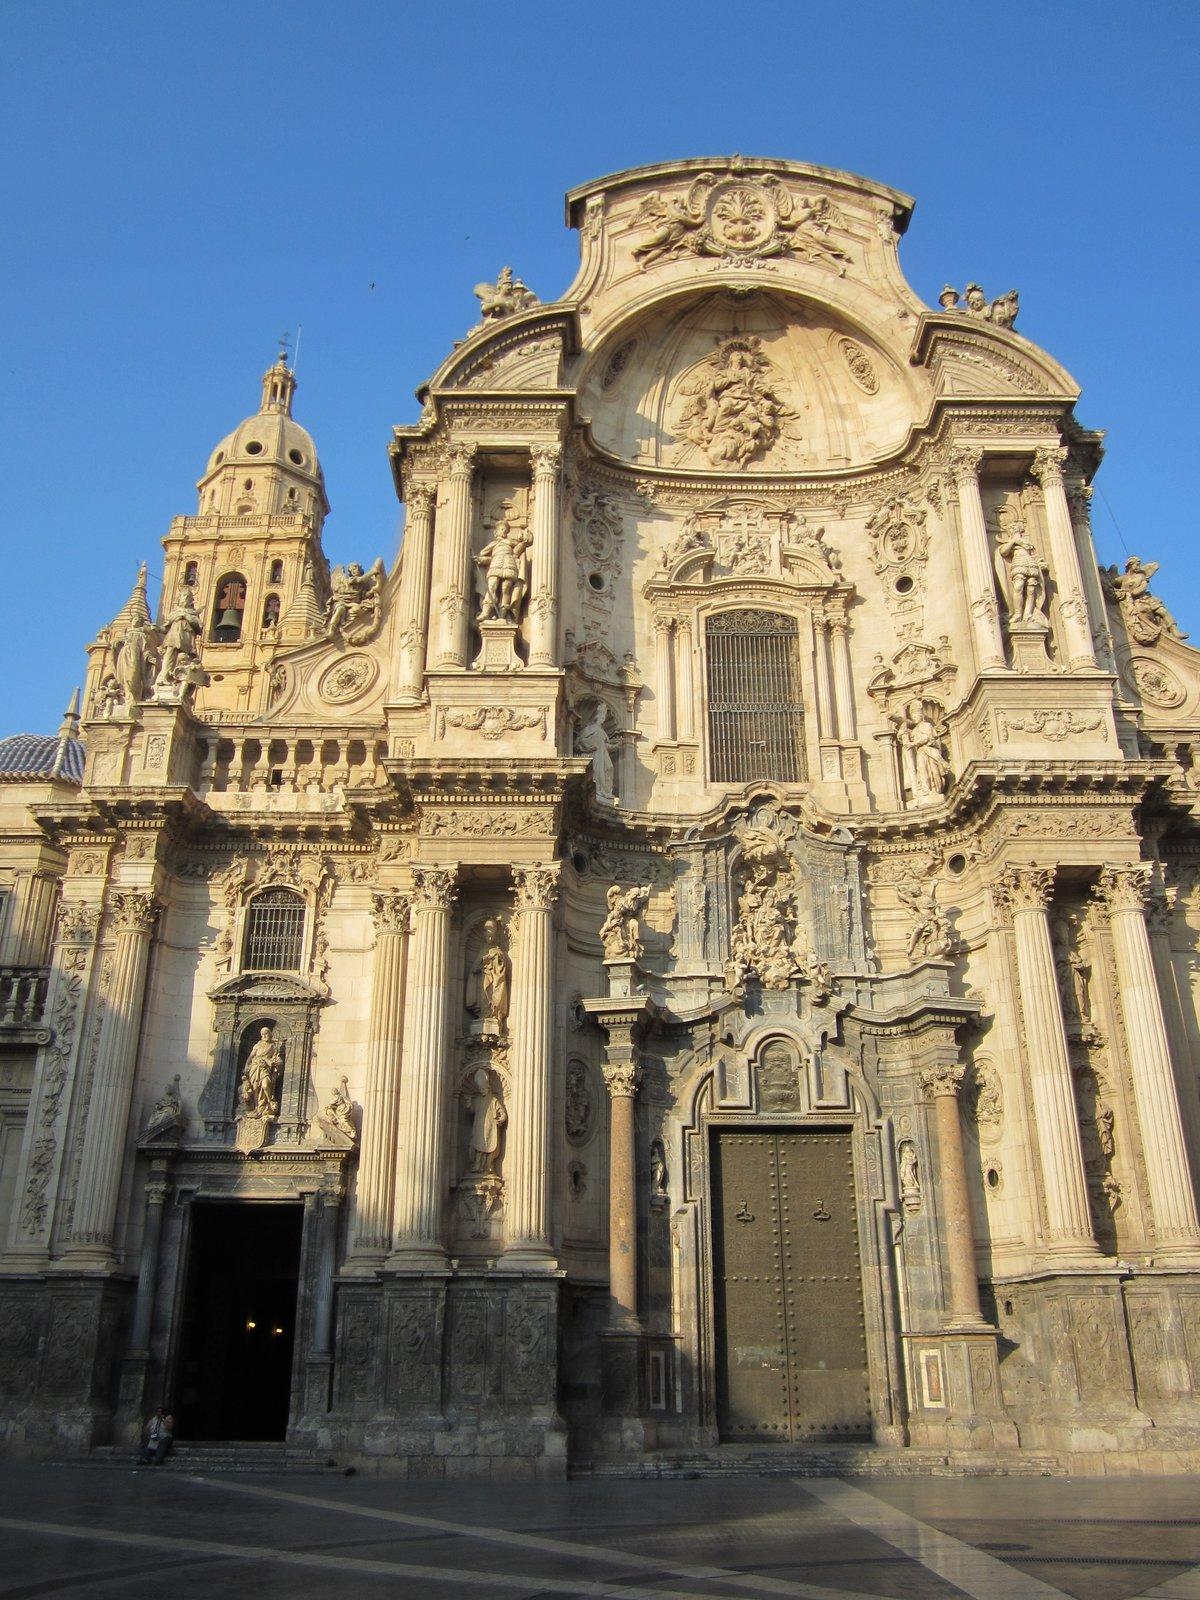 никеля архитектур барокко картинки характеризуется хроническим